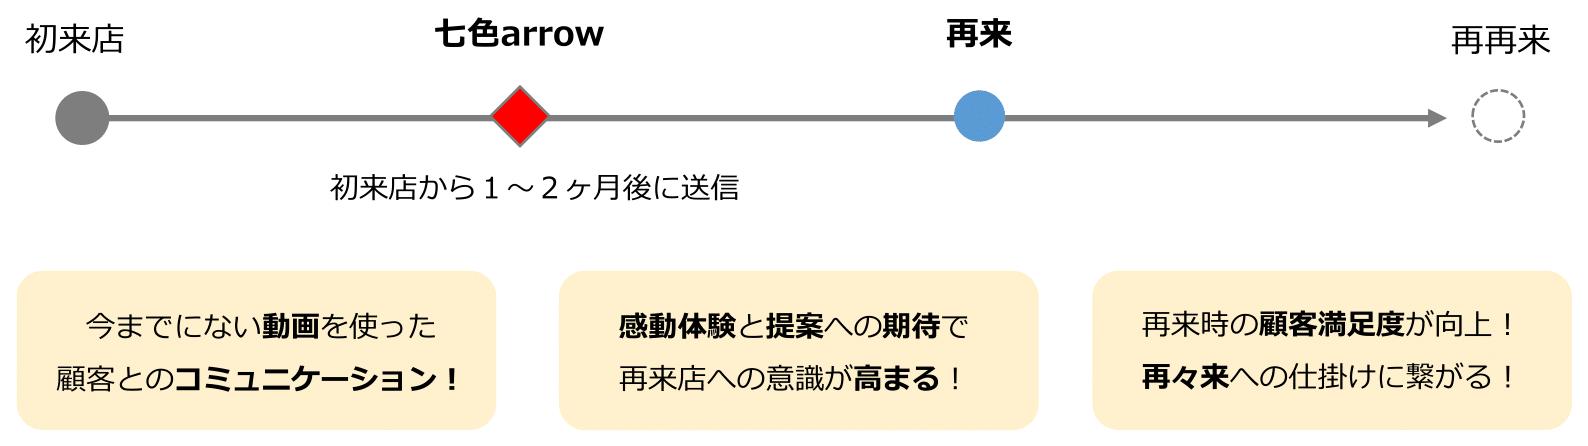 新規再来率UPやブランディングに最適な動画サービス【七色arrow】-12